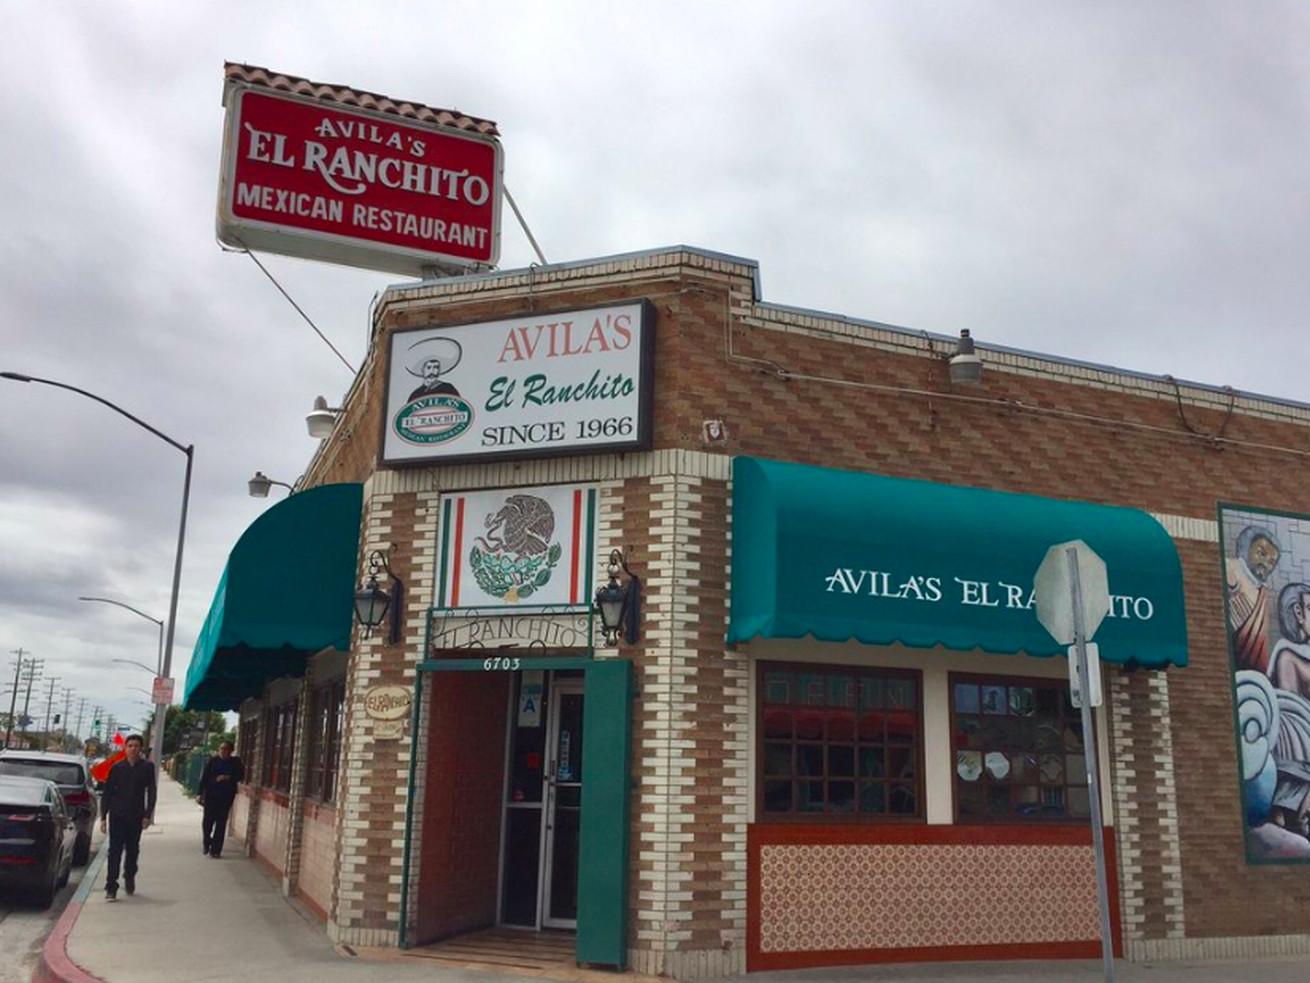 Avila's El Ranchito Huntington Park